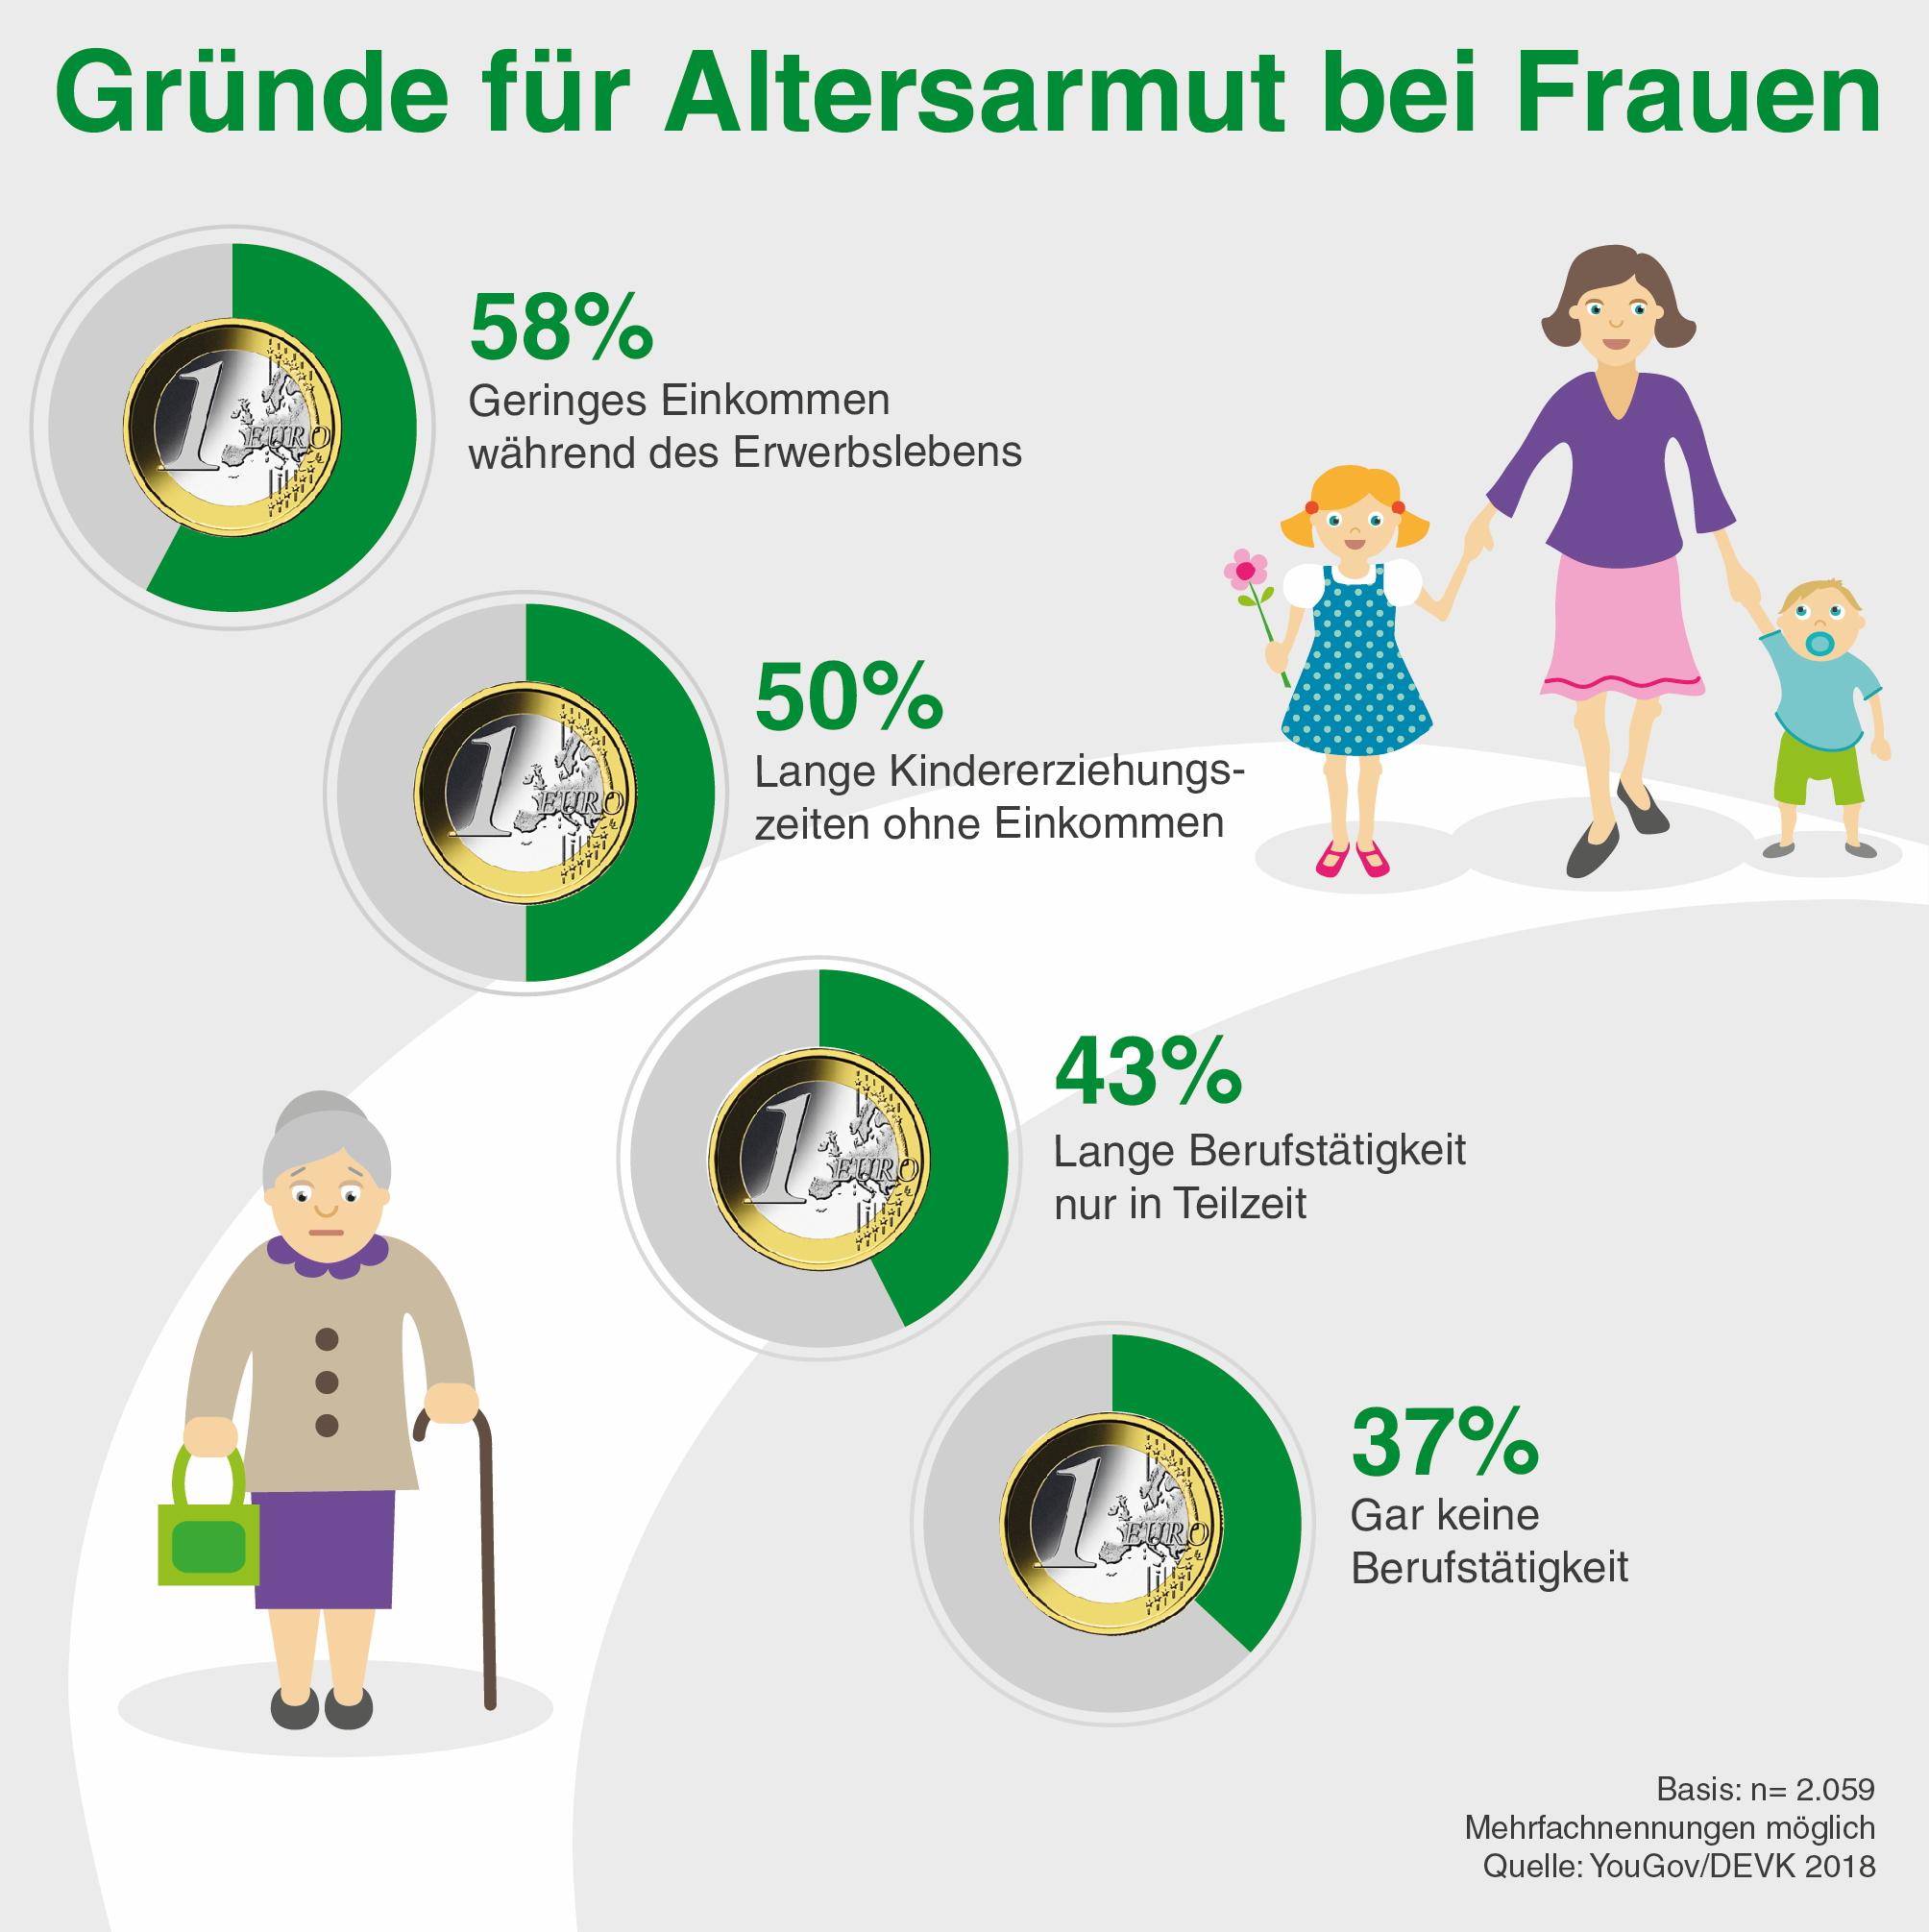 Umfrage zur Altersarmut: Frauen sind doppelt benachteiligt